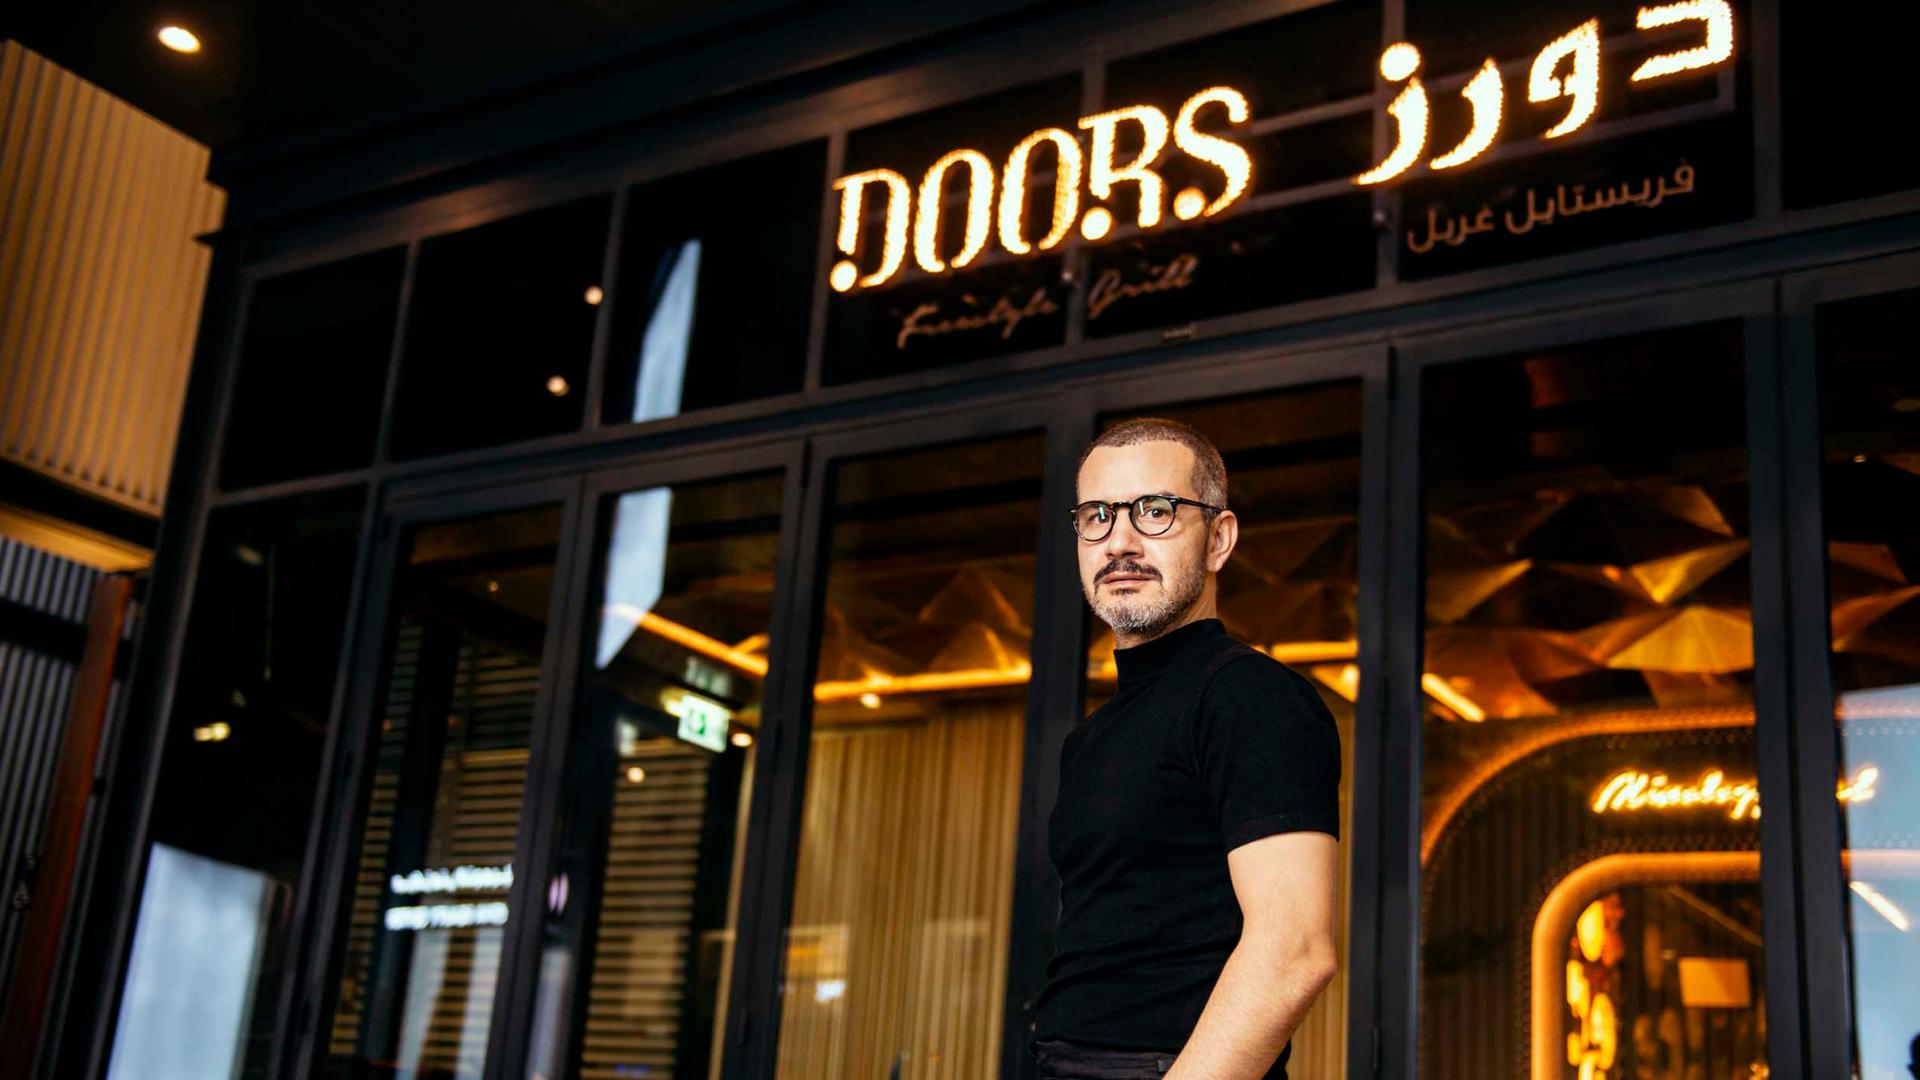 مطعم-دورز-Dubai Doors